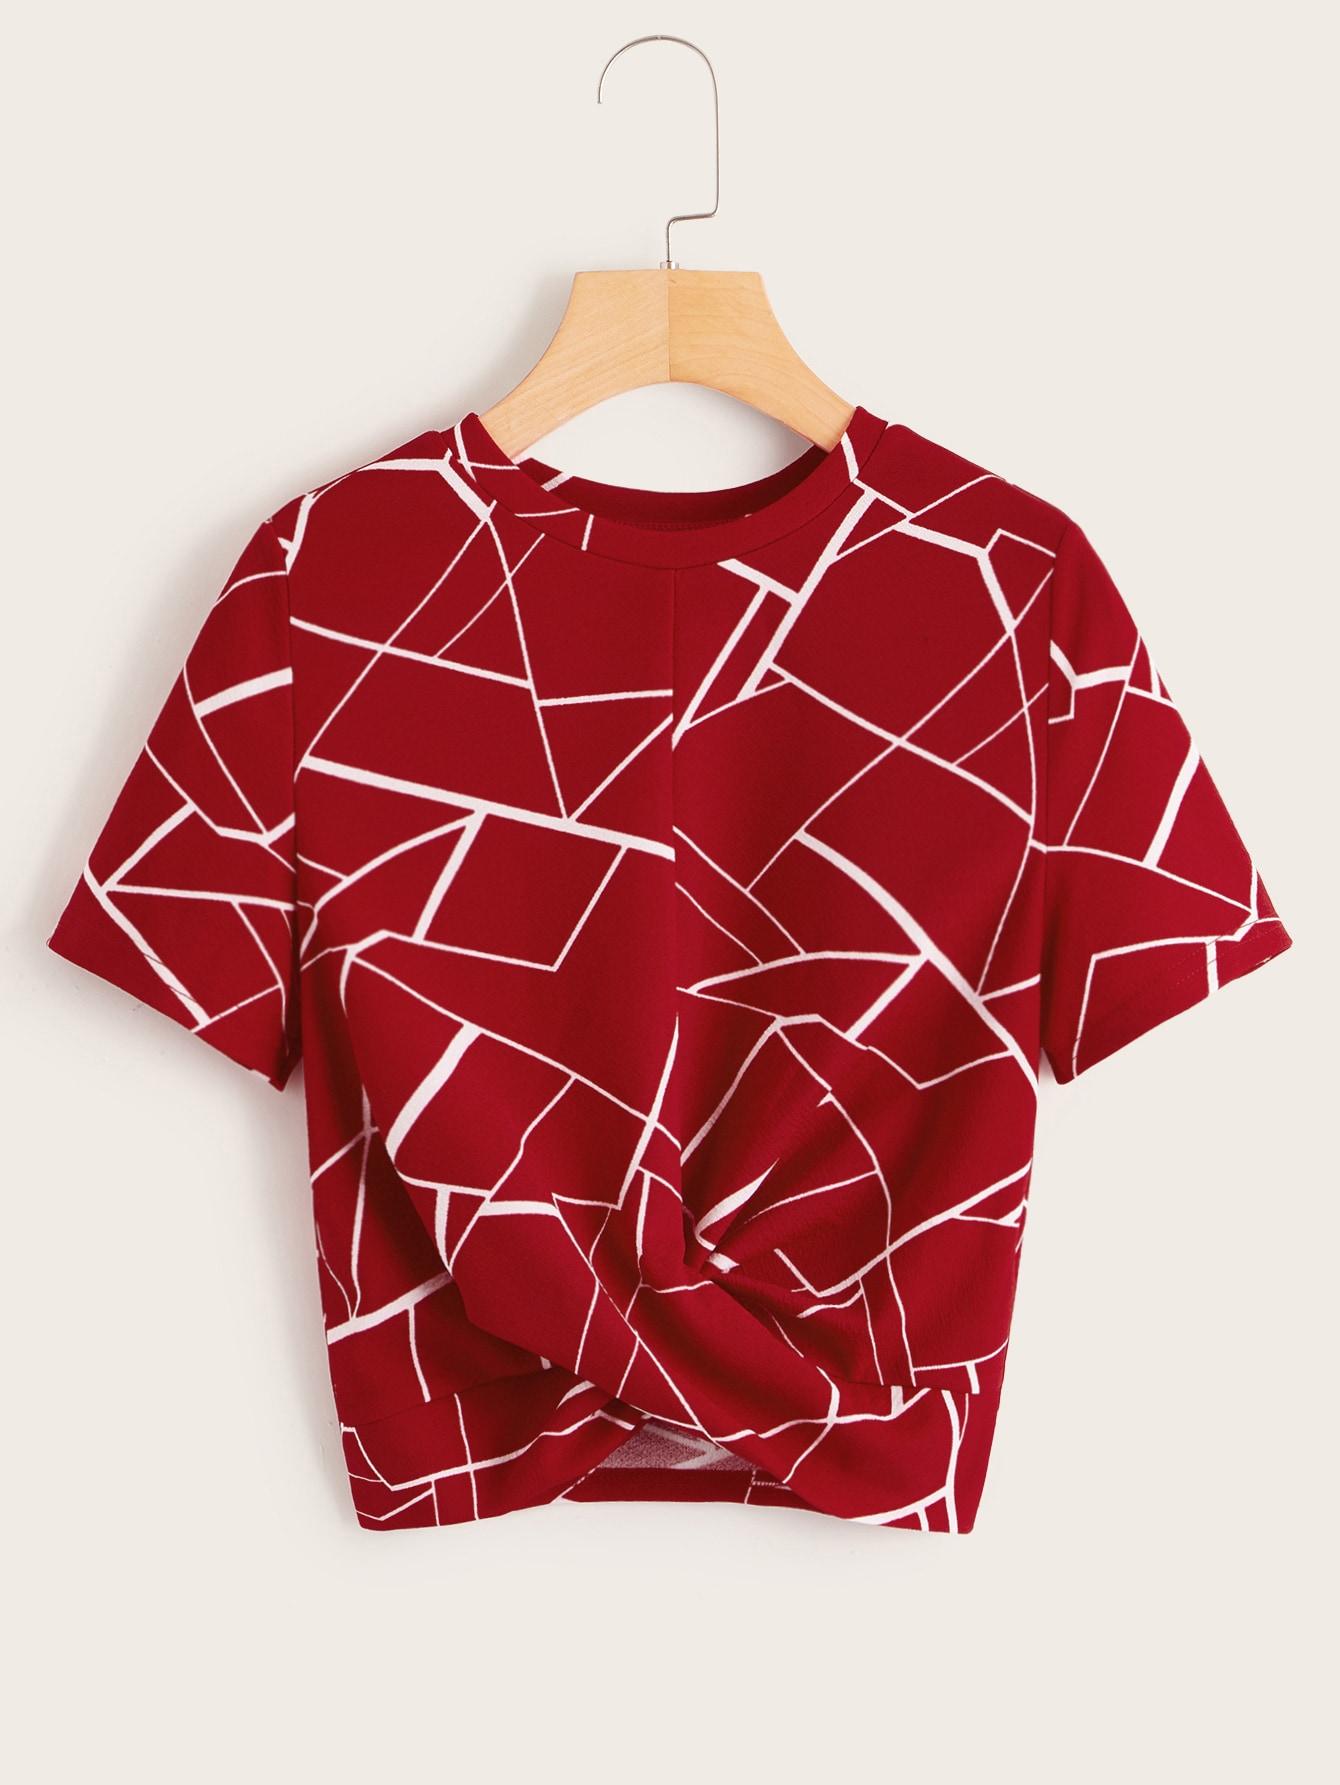 Фото - Топ с драпировкой и геометрическим принтом от SheIn бордового цвета